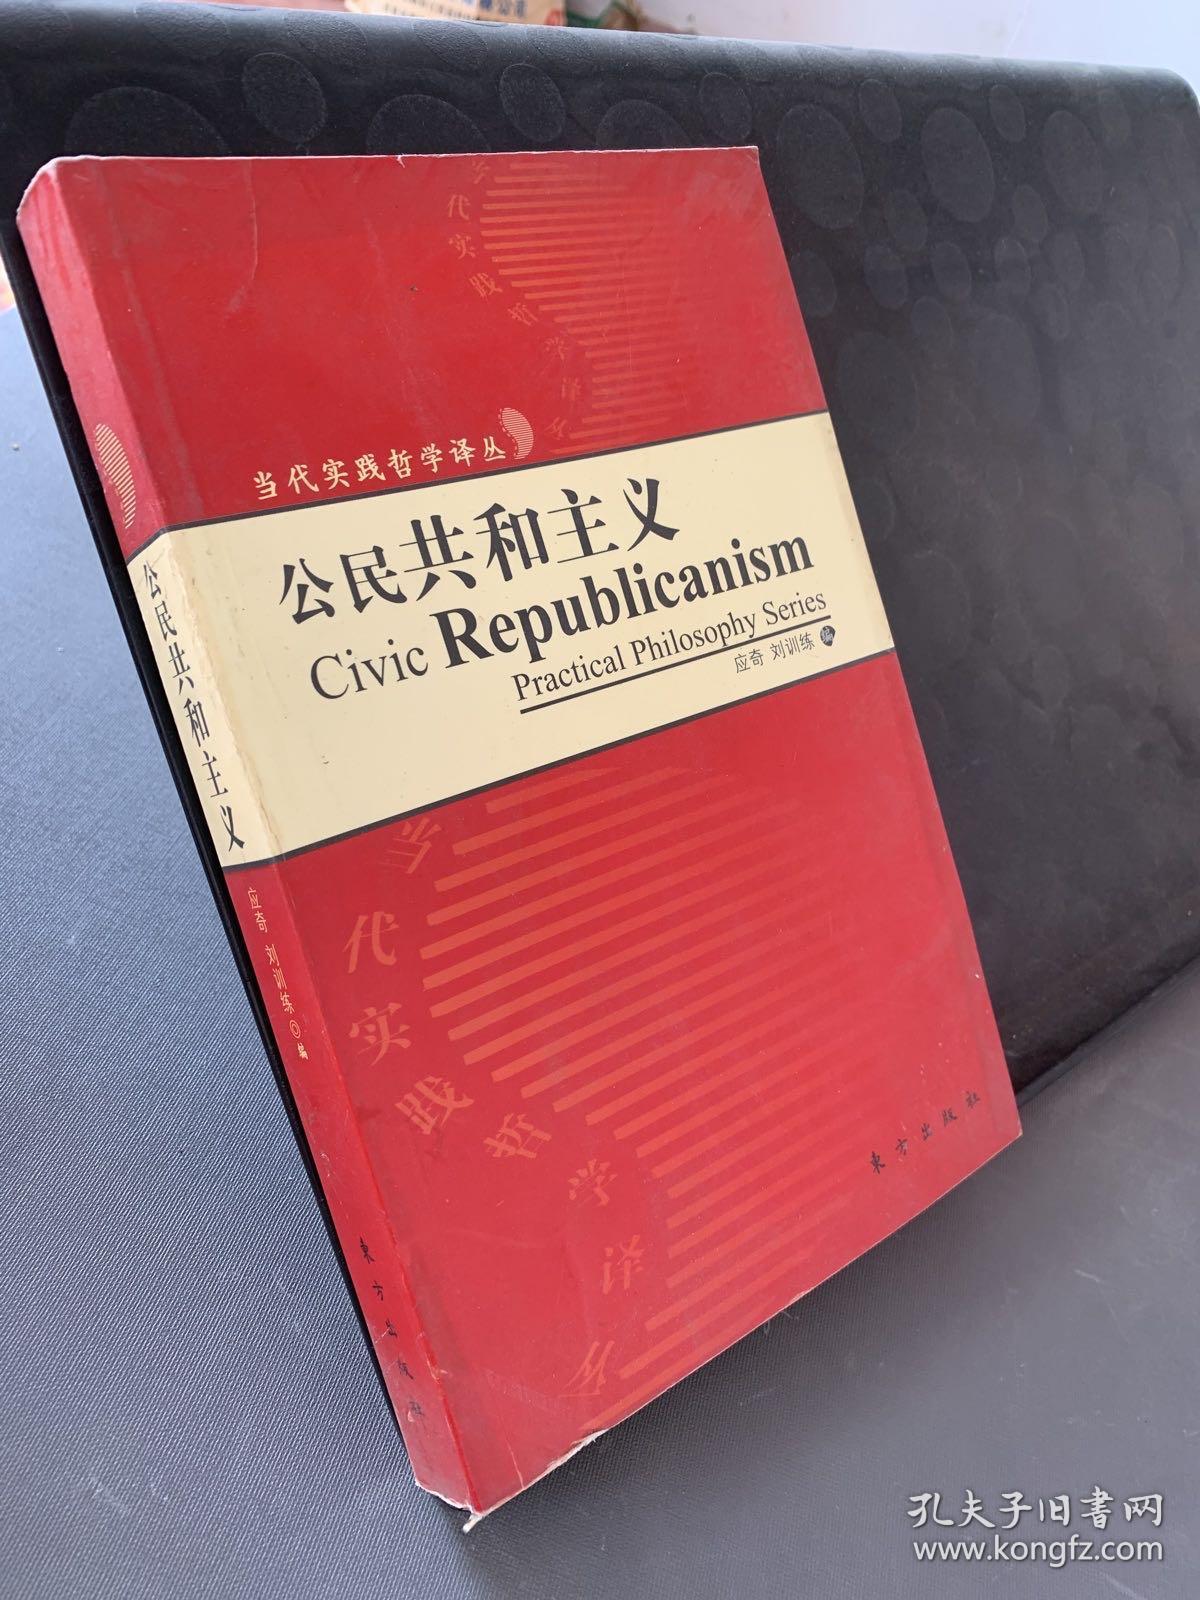 公民共和主义